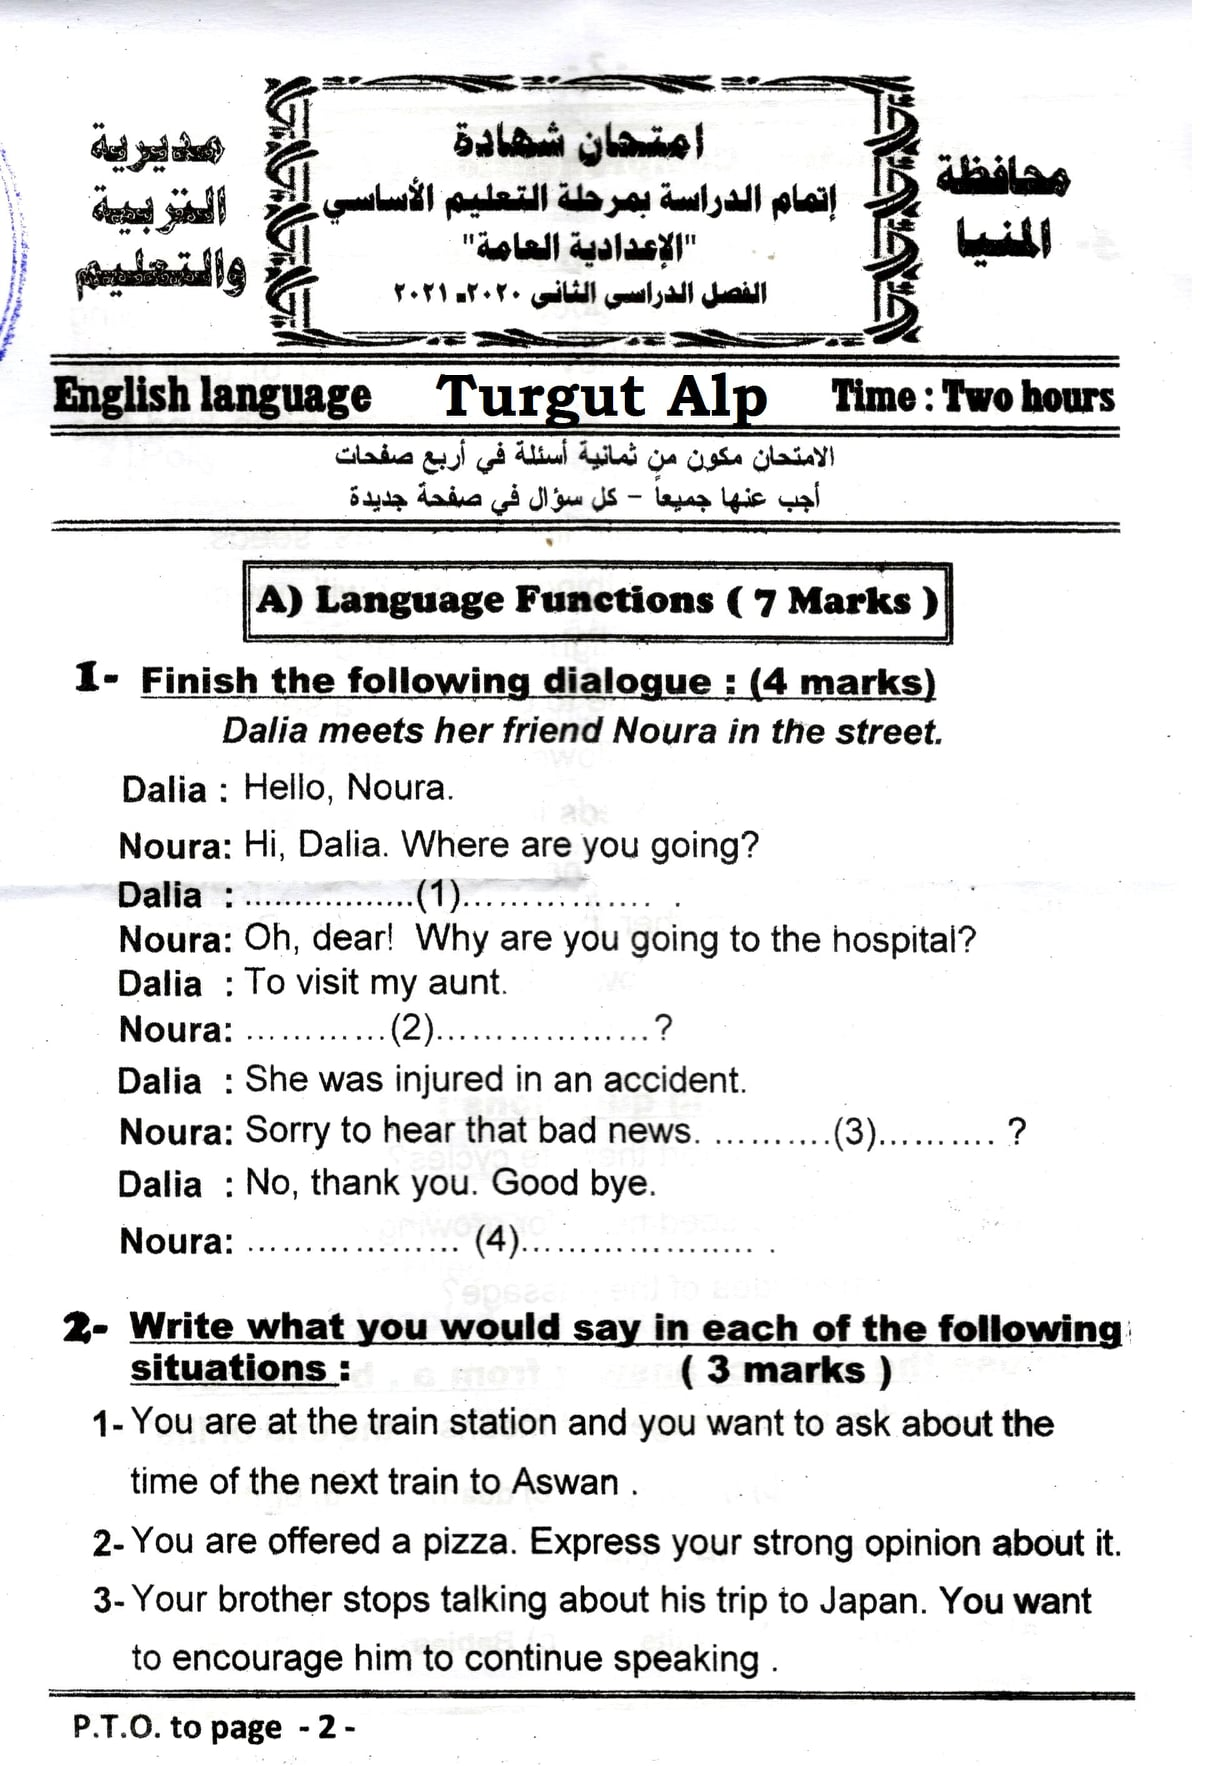 امتحان اللغة الإنجليزية محافظات المنوفية & المنيا & قنا الصف الثالث الإعدادى الترم الثانى 2021